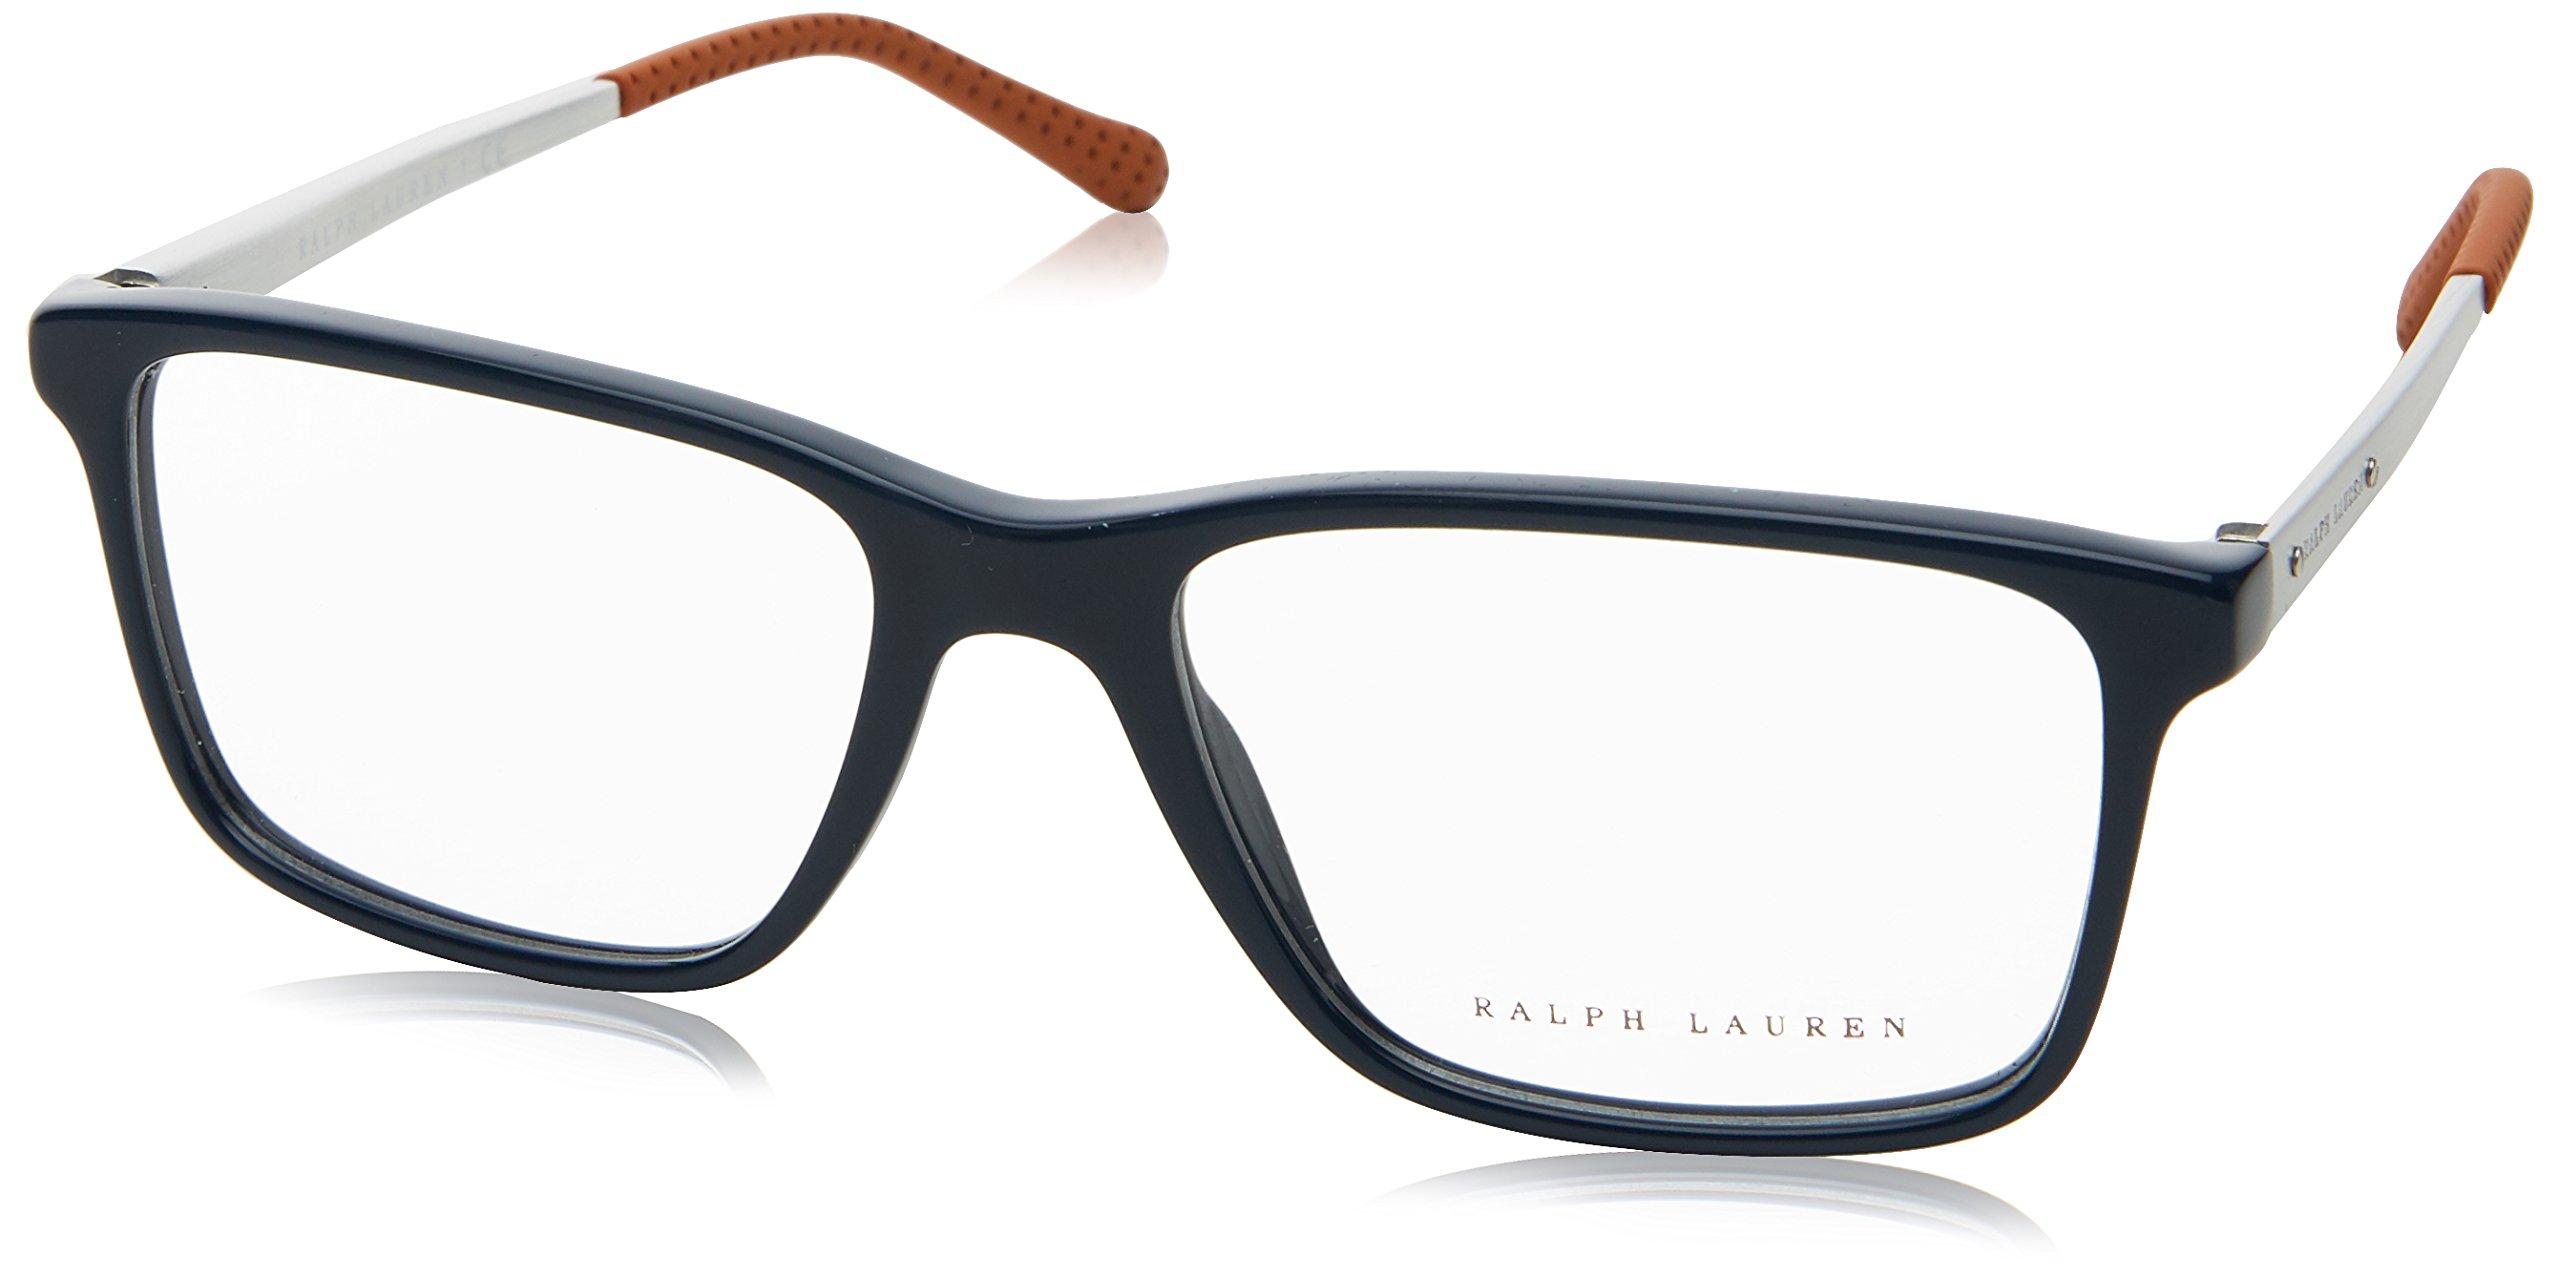 Ralph Lauren RL6133 Eyeglass Frames 5465-54 - Blue RL6133-5465-54 by RALPH LAUREN